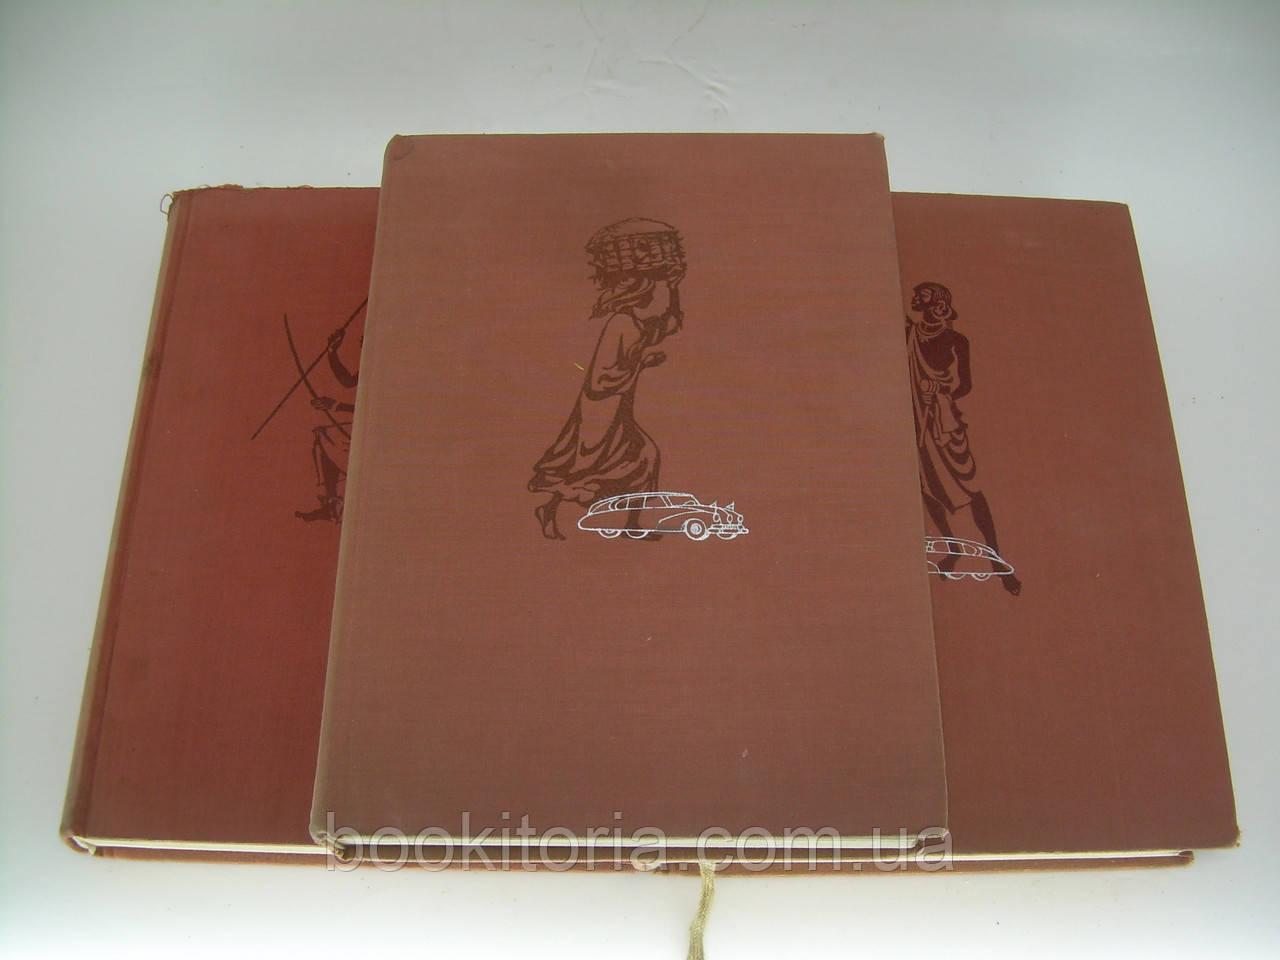 Ганзелка И., Зикмунд М. Африка грез и действительности. В трех книгах (б/у).